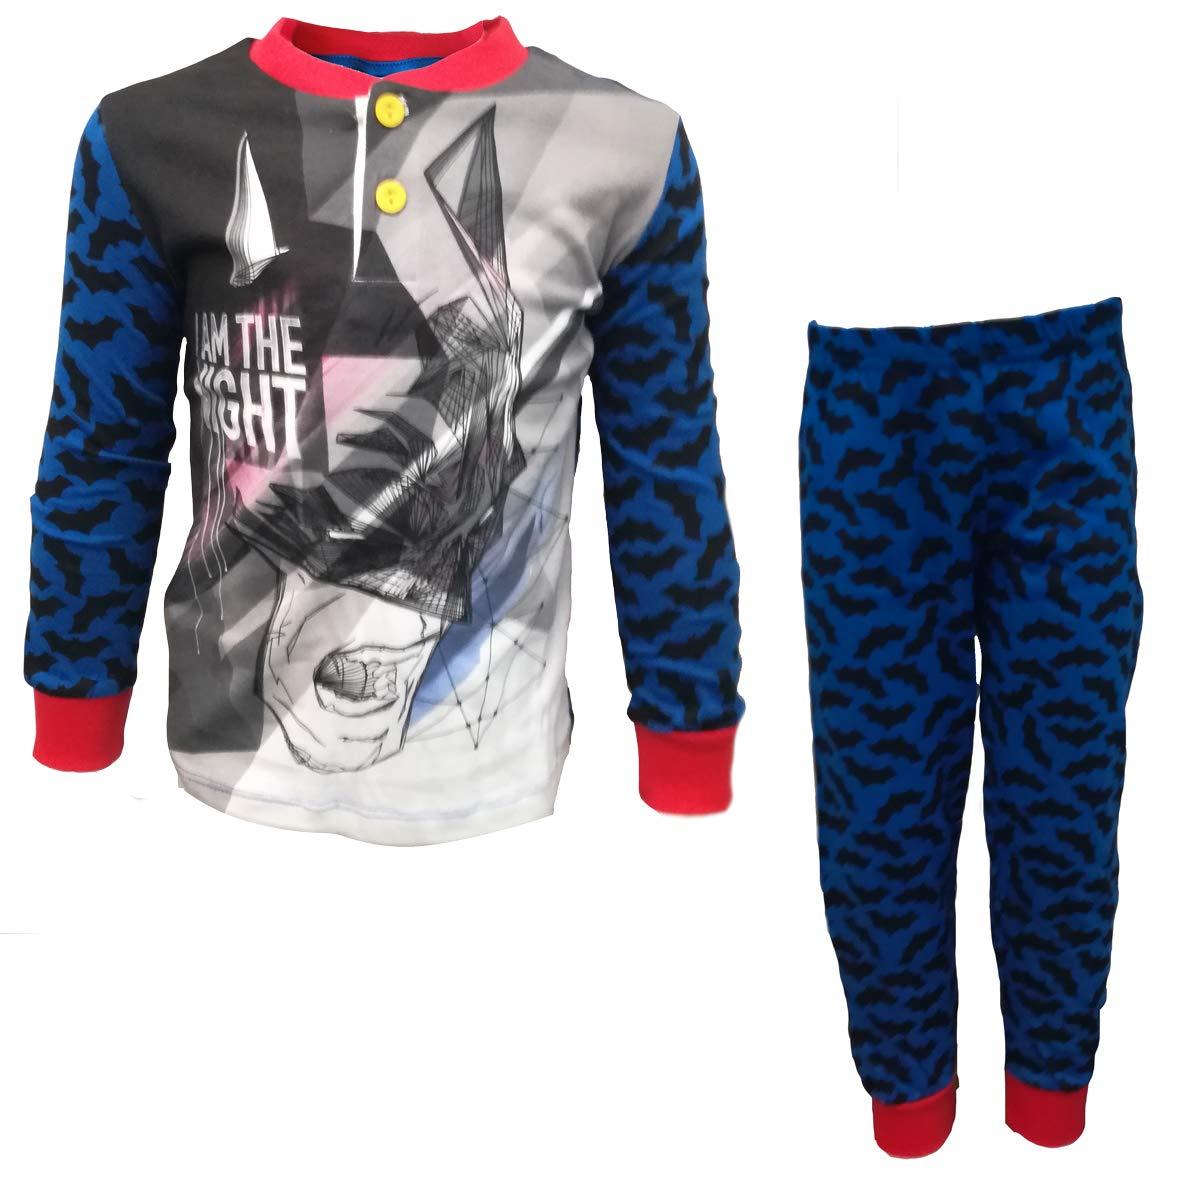 Abbigliamento e accessori per bambini dai 2 ai 16 anni WE16160 Pigiama Bambino Lungo in Cotone Jersey Batman Art